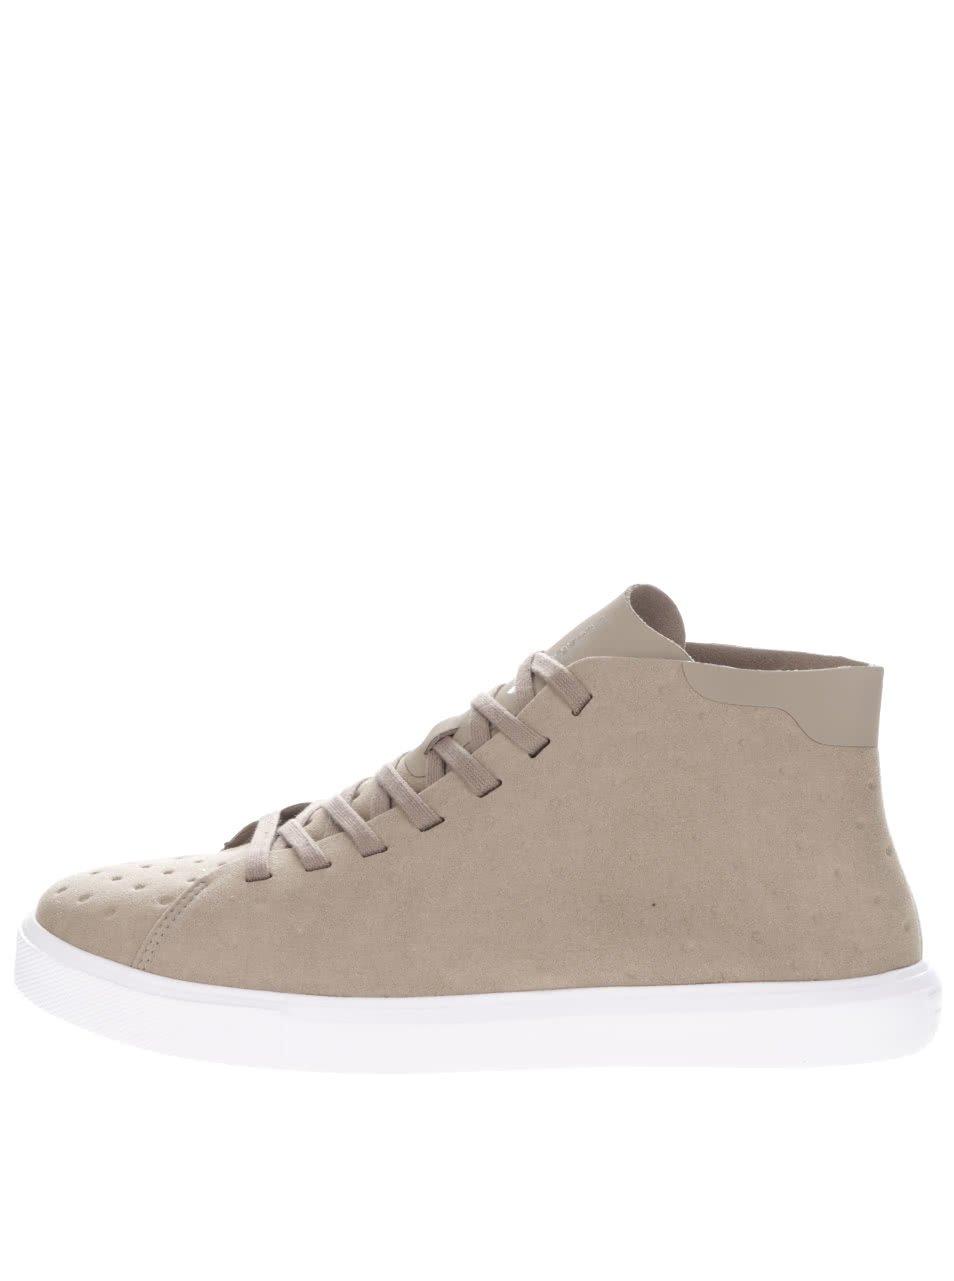 Béžové pánské kotníkové boty Monaco Native